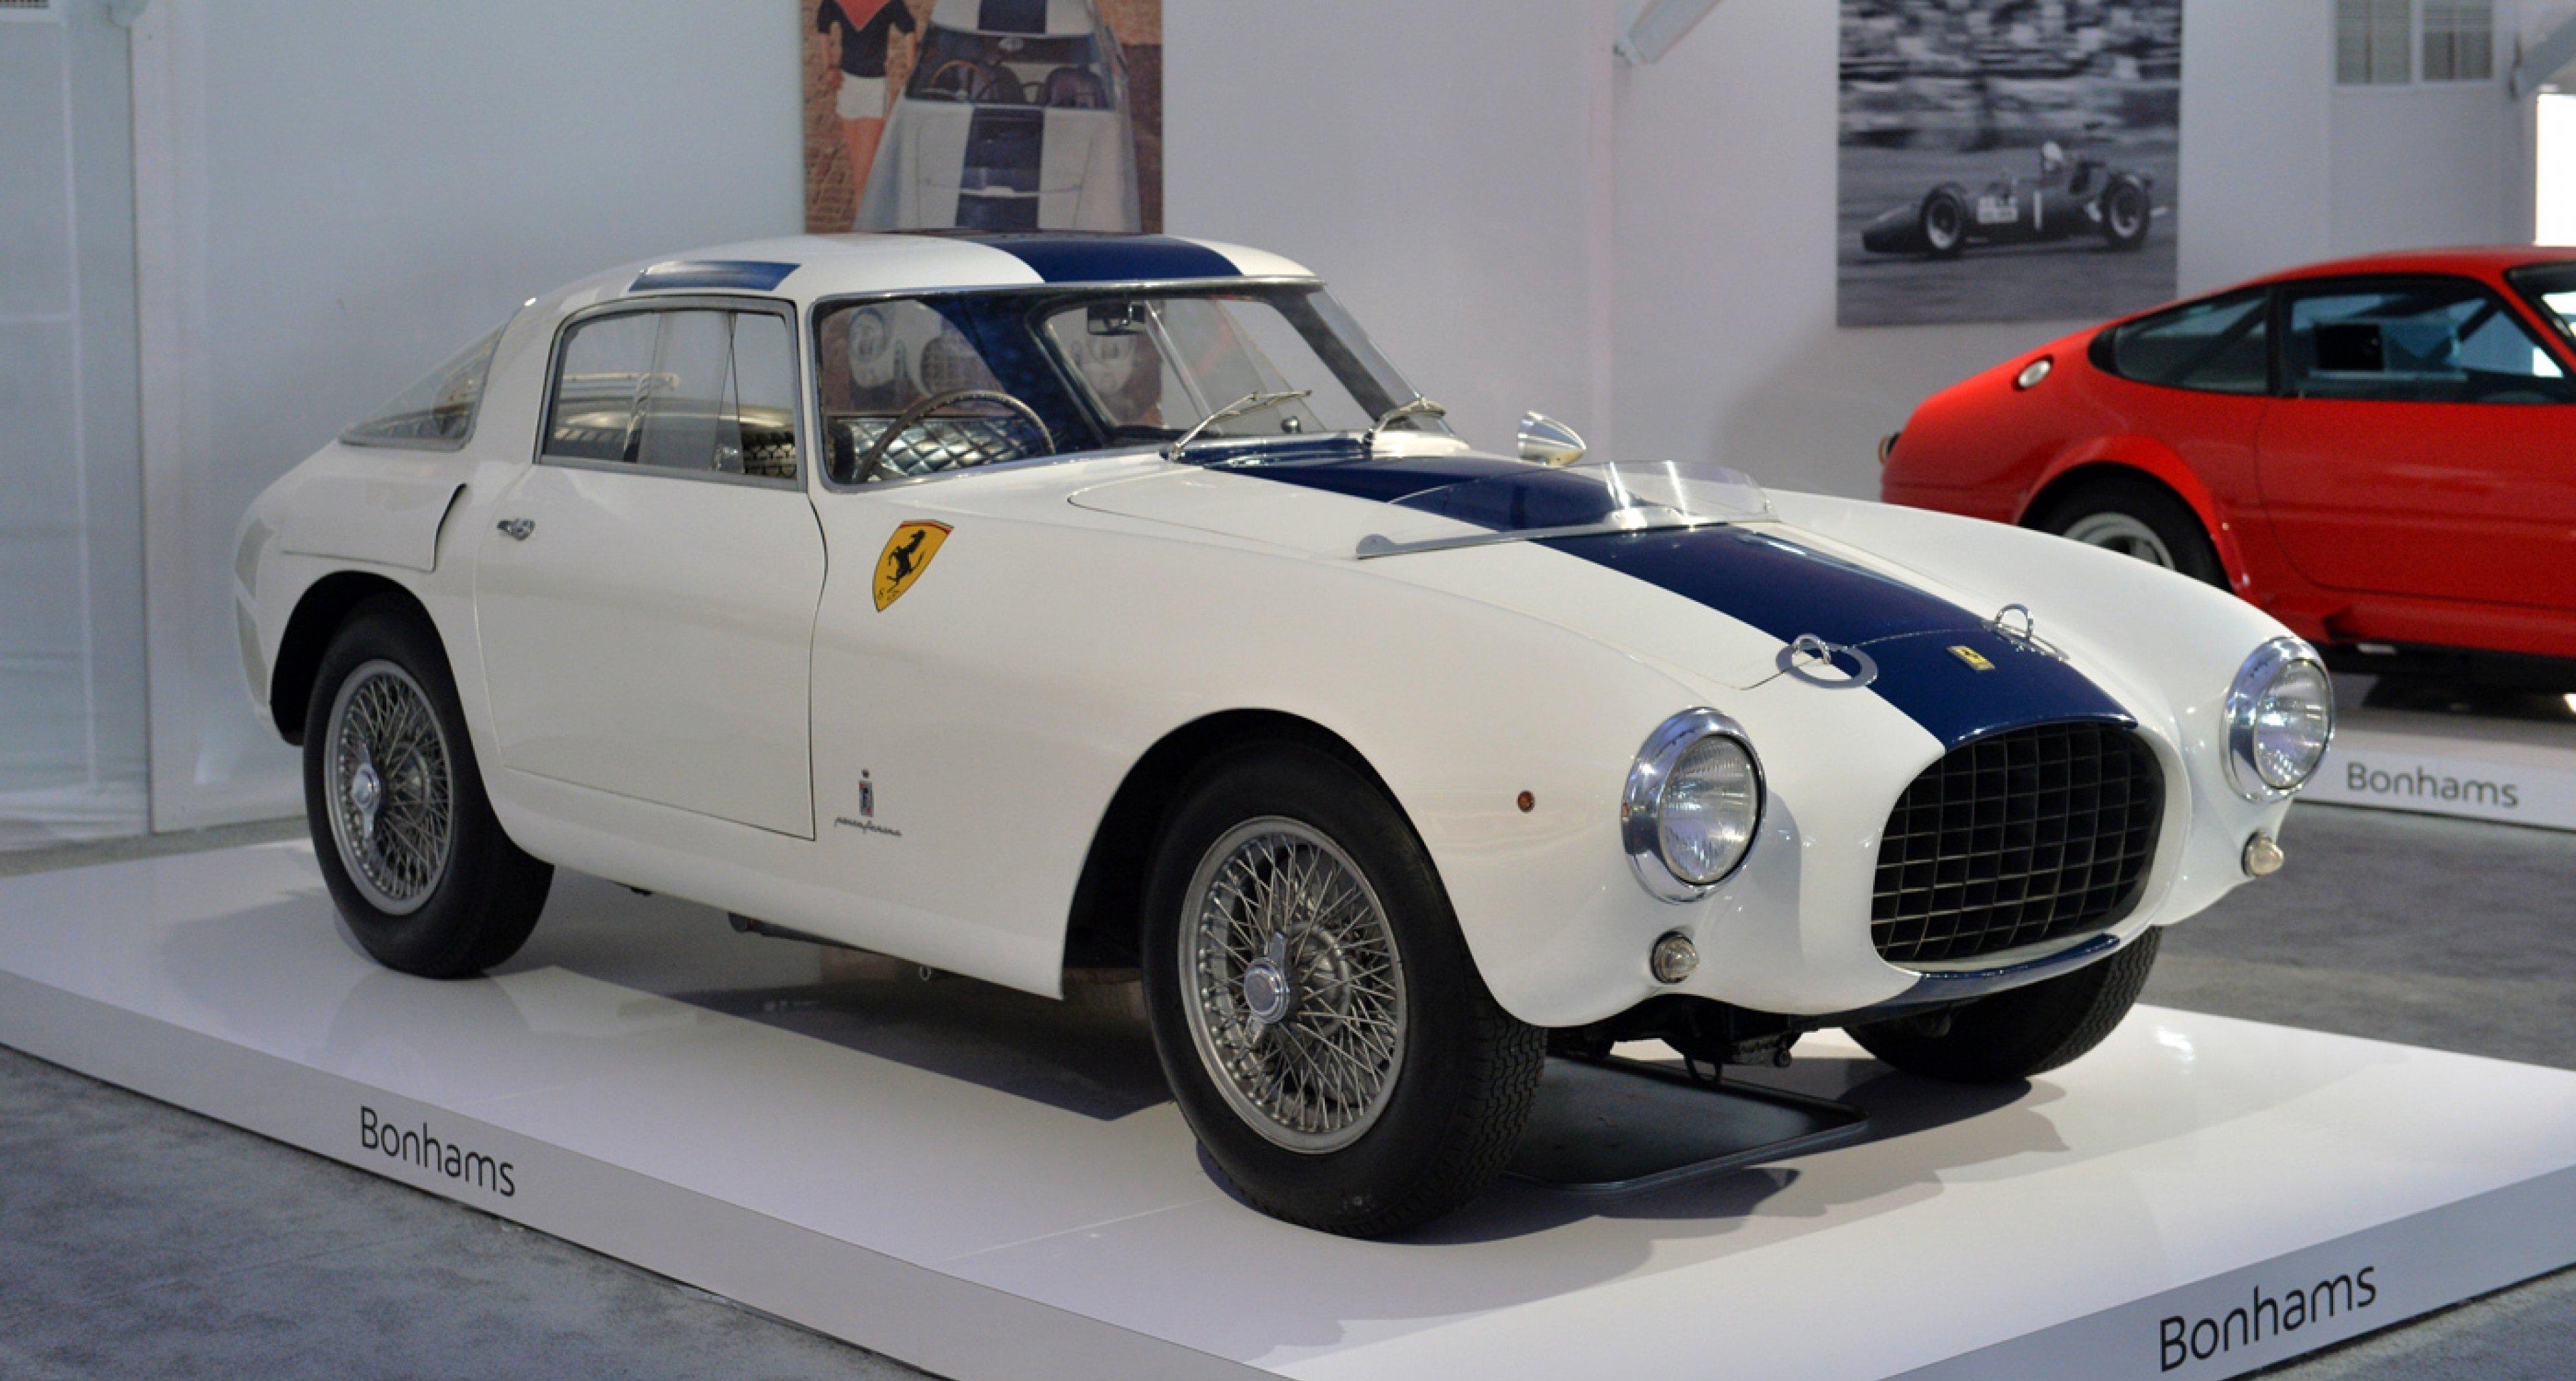 1953 Ferrari 250 Mille Miglia Berlinetta sold for USD 38,115,000 at Bonhams Quail Lodge sale 2014